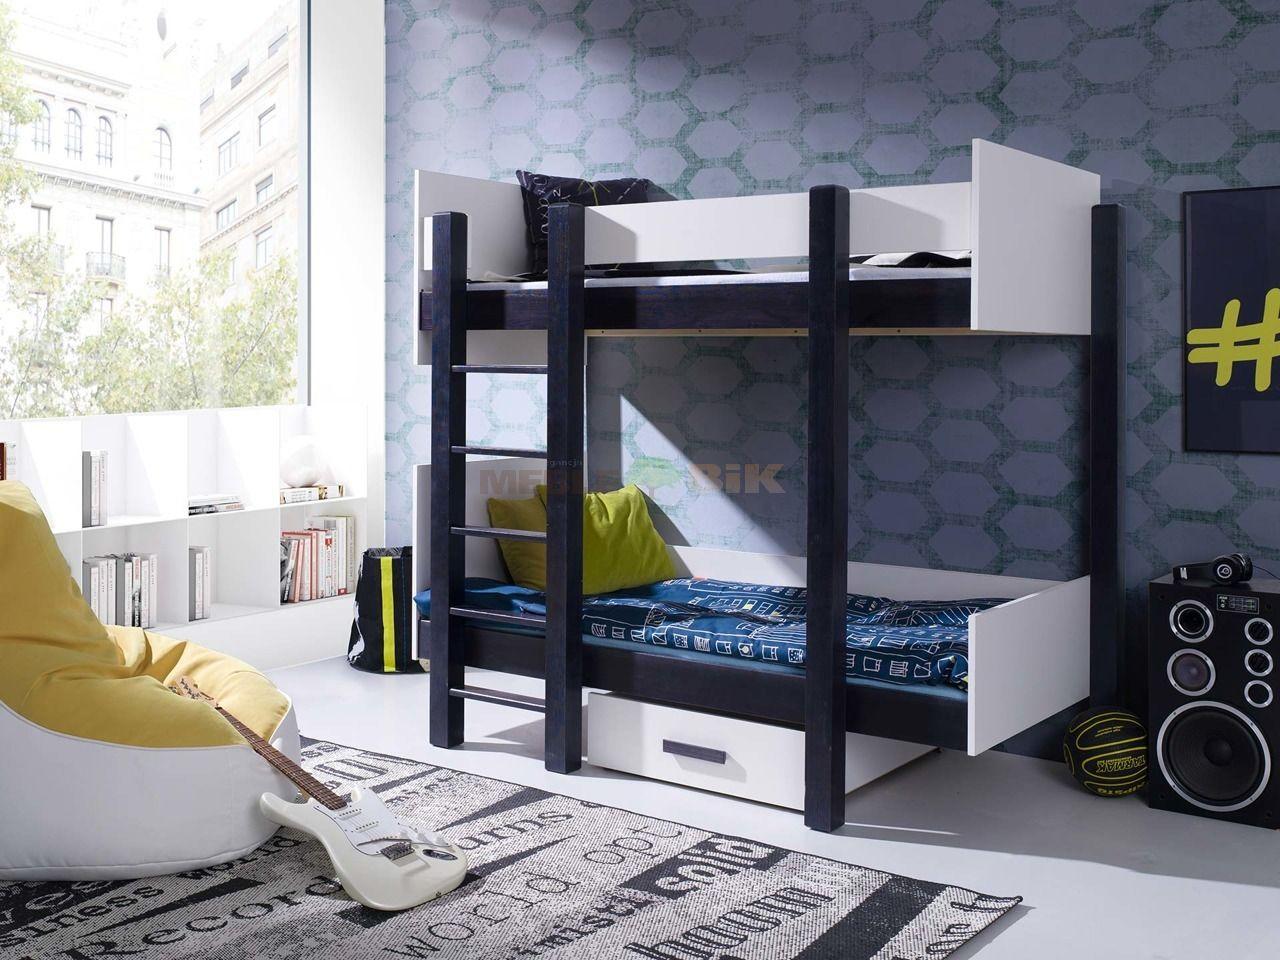 łóżko Piętrowe Nestor 2 Osobowe Do Pokoju Młodzieżowego